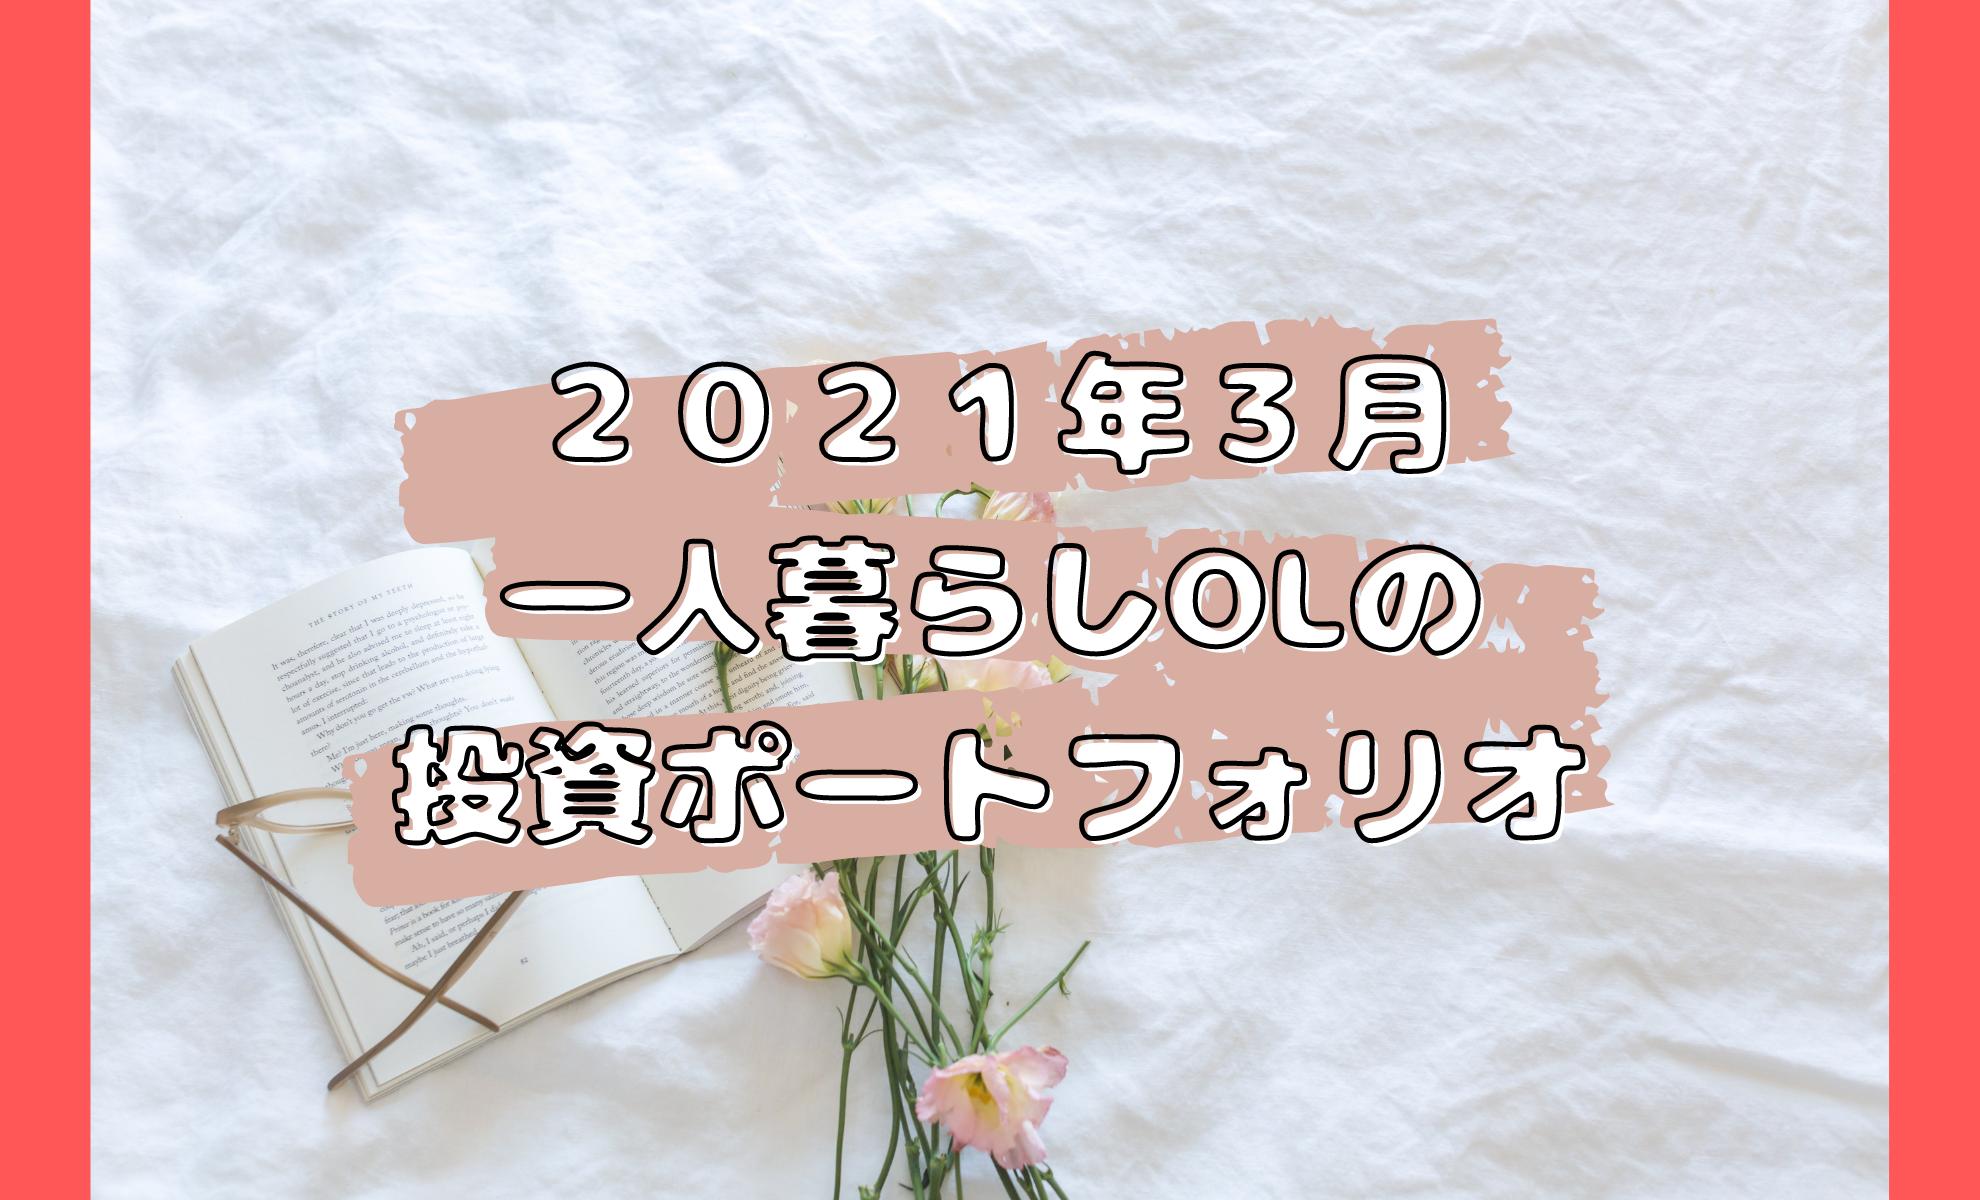 2021年3月 一人暮らしOLの 投資ポートフォリオ